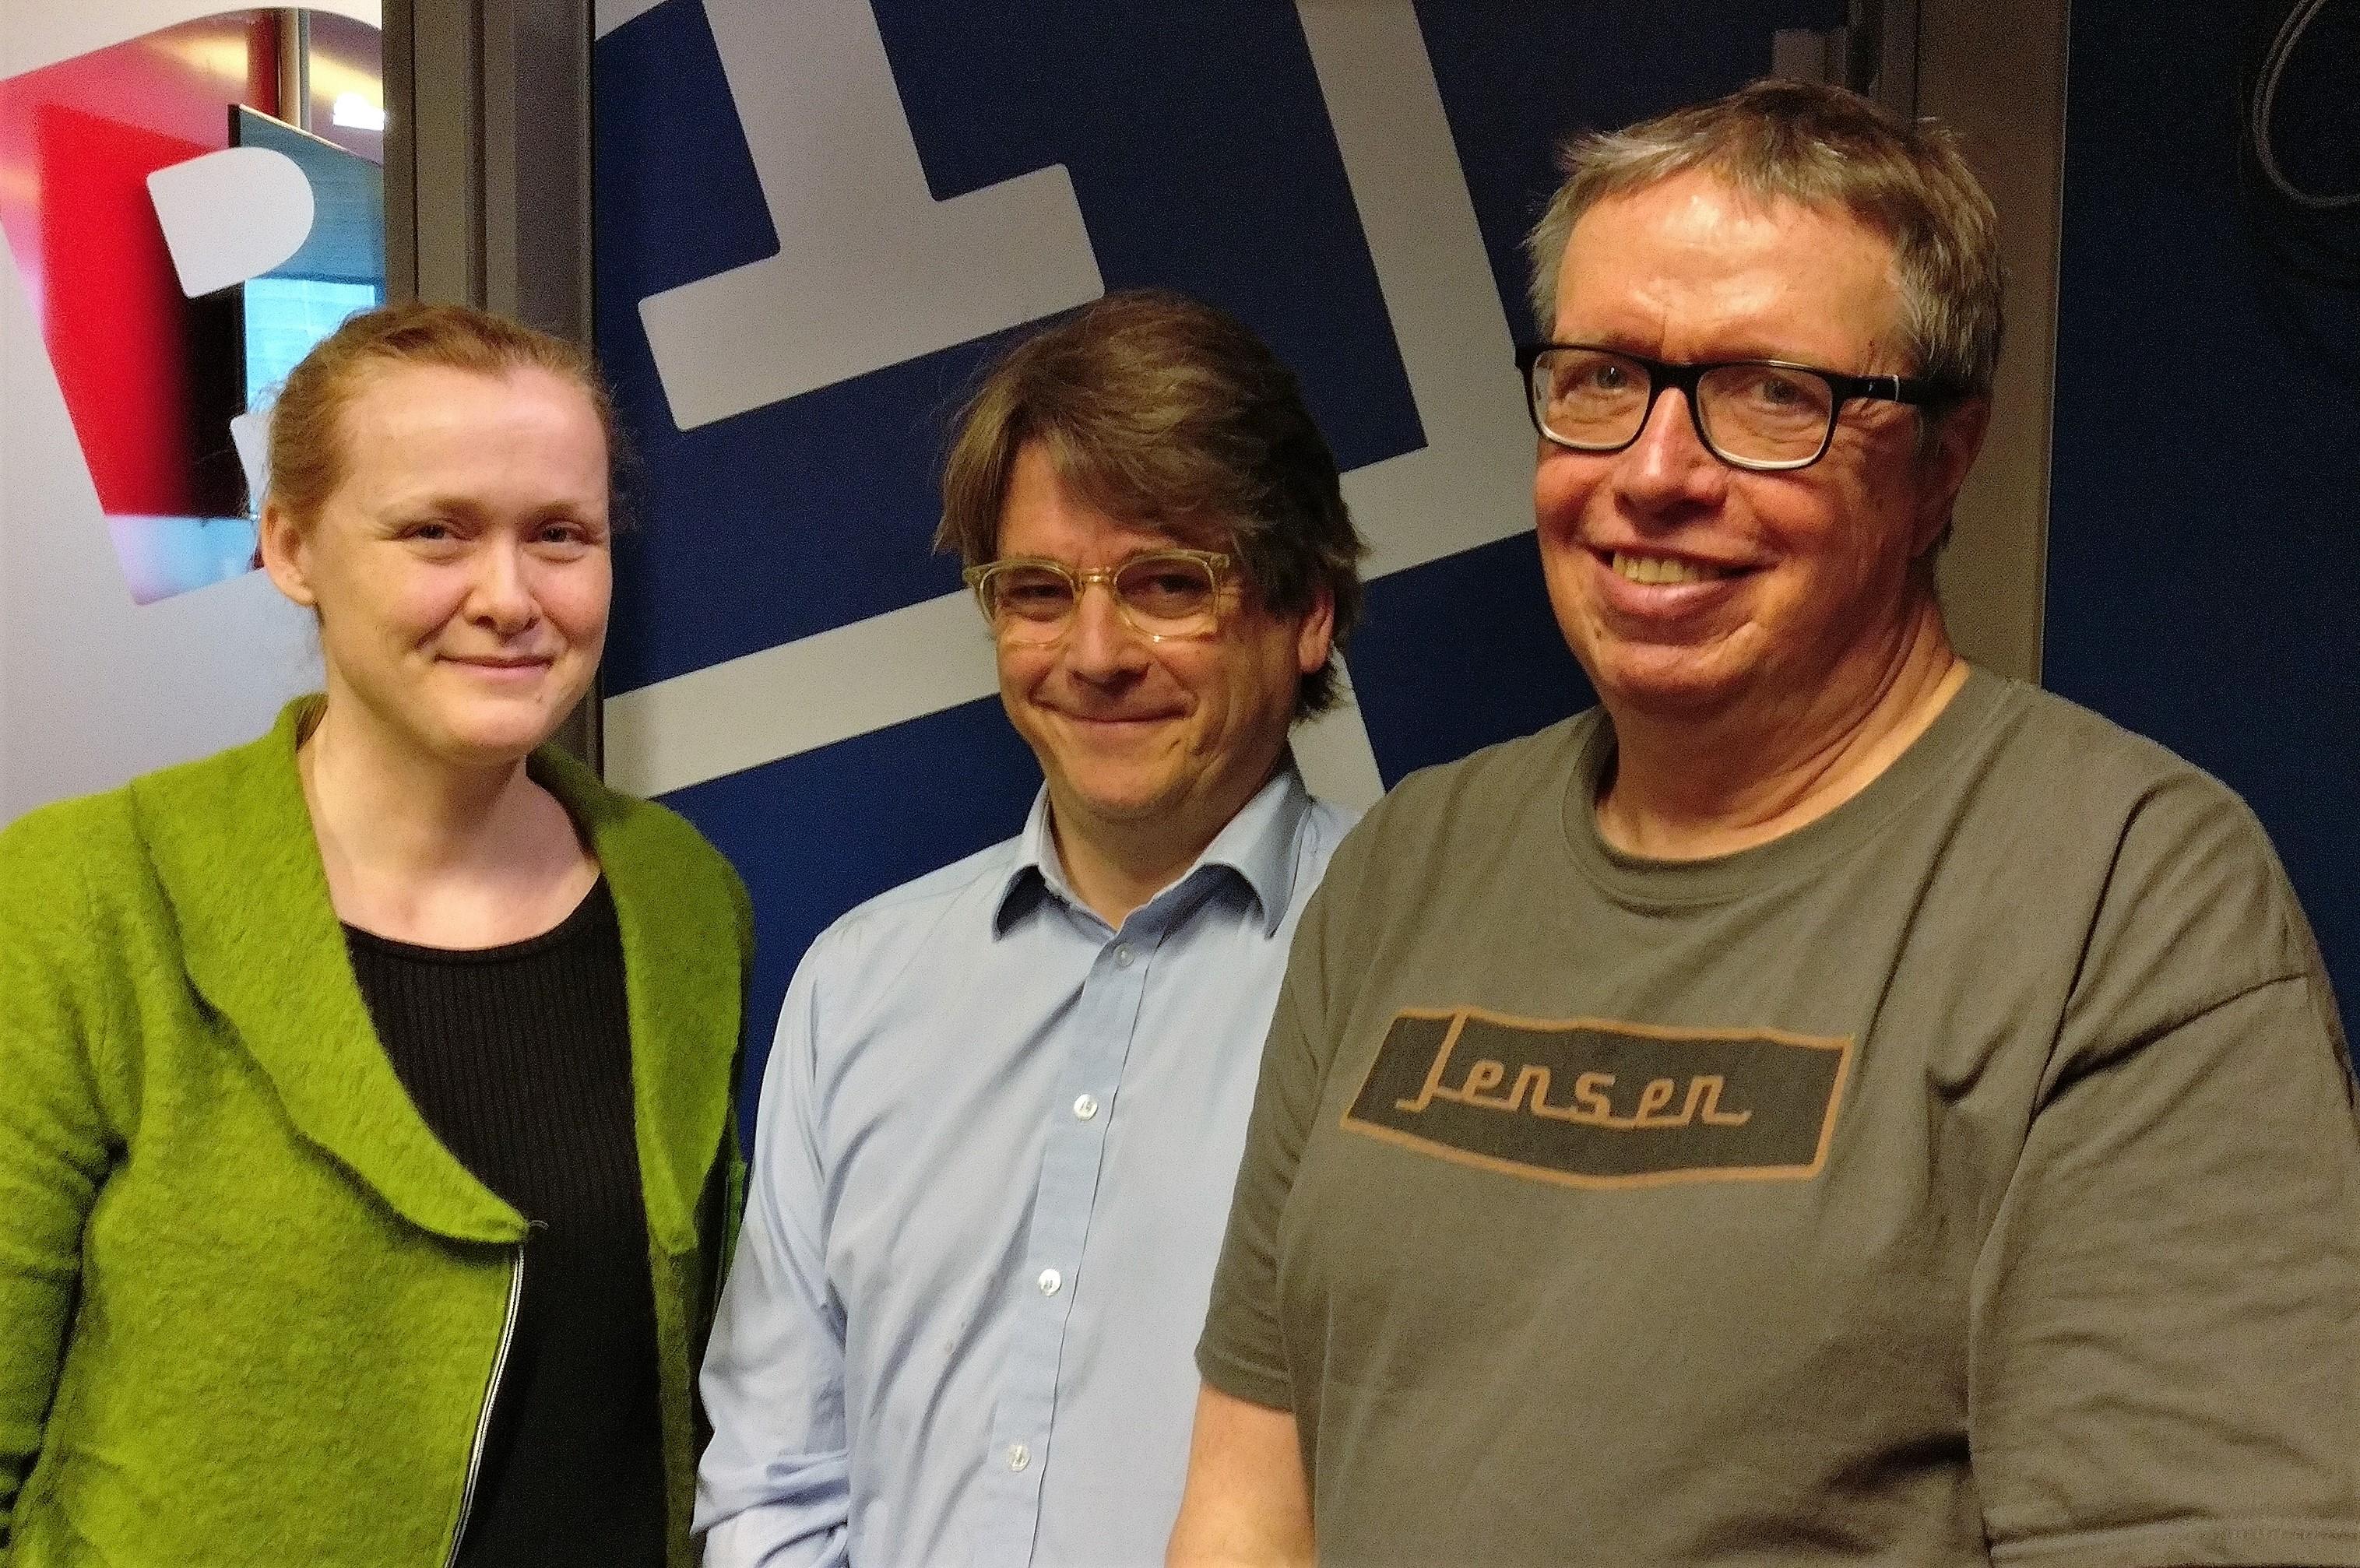 Bogen om Jensen i Hjernekassen på P1